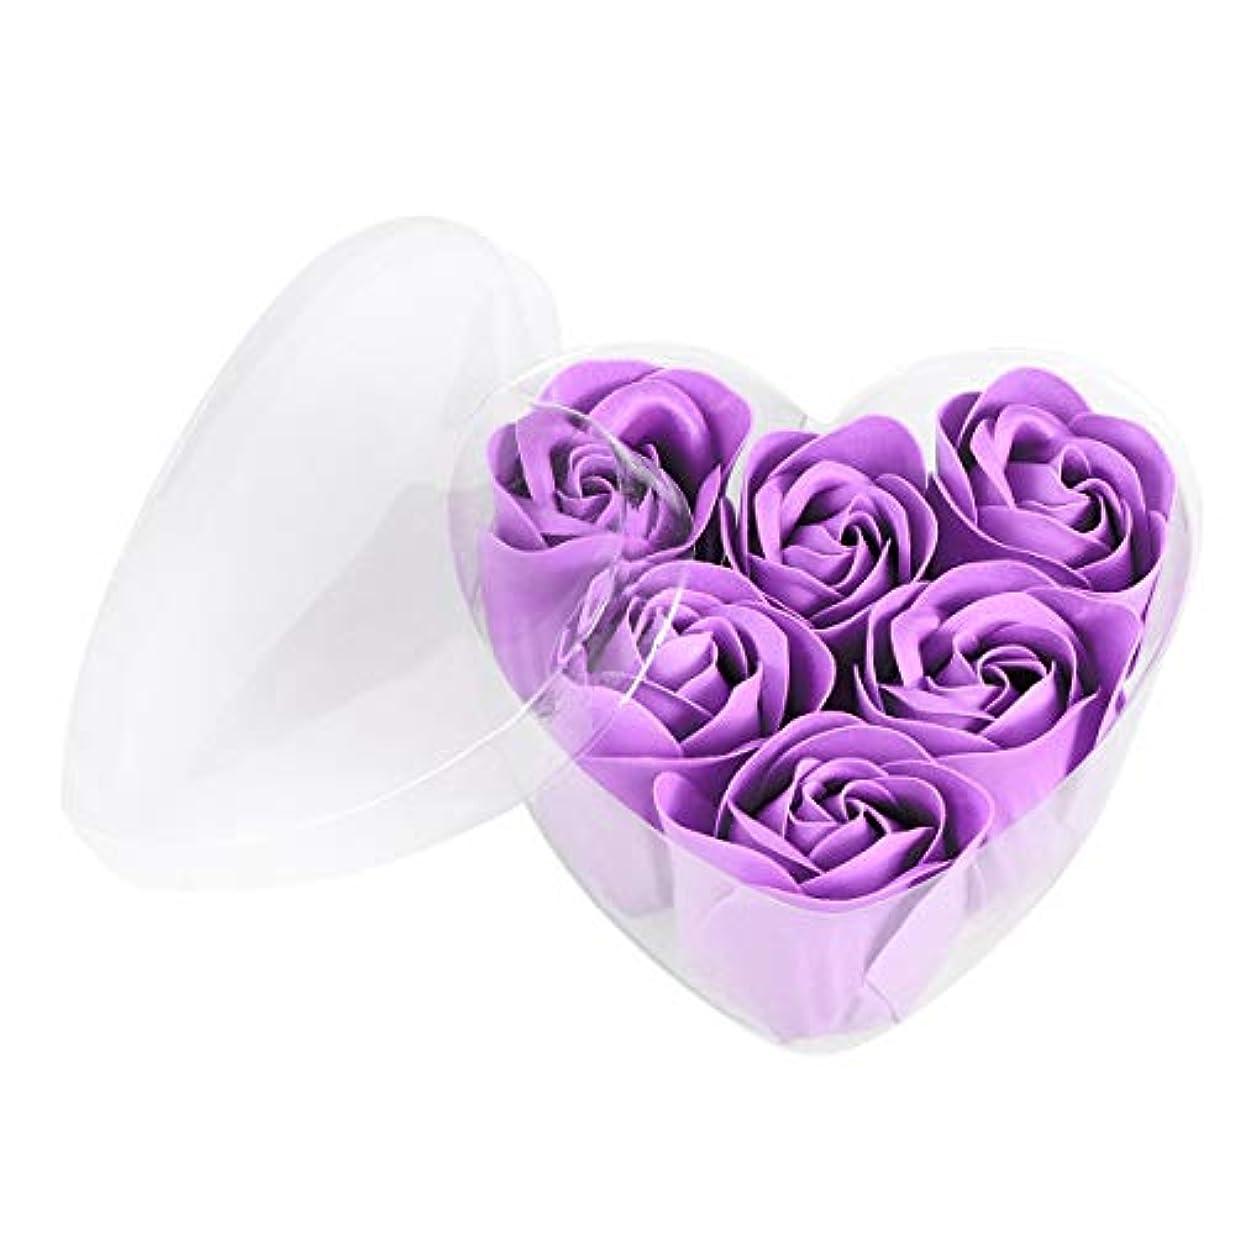 制裁楽しい動詞Beaupretty 6本シミュレーションローズソープハート型フラワーソープギフトボックス結婚式の誕生日Valentin's Day(紫)